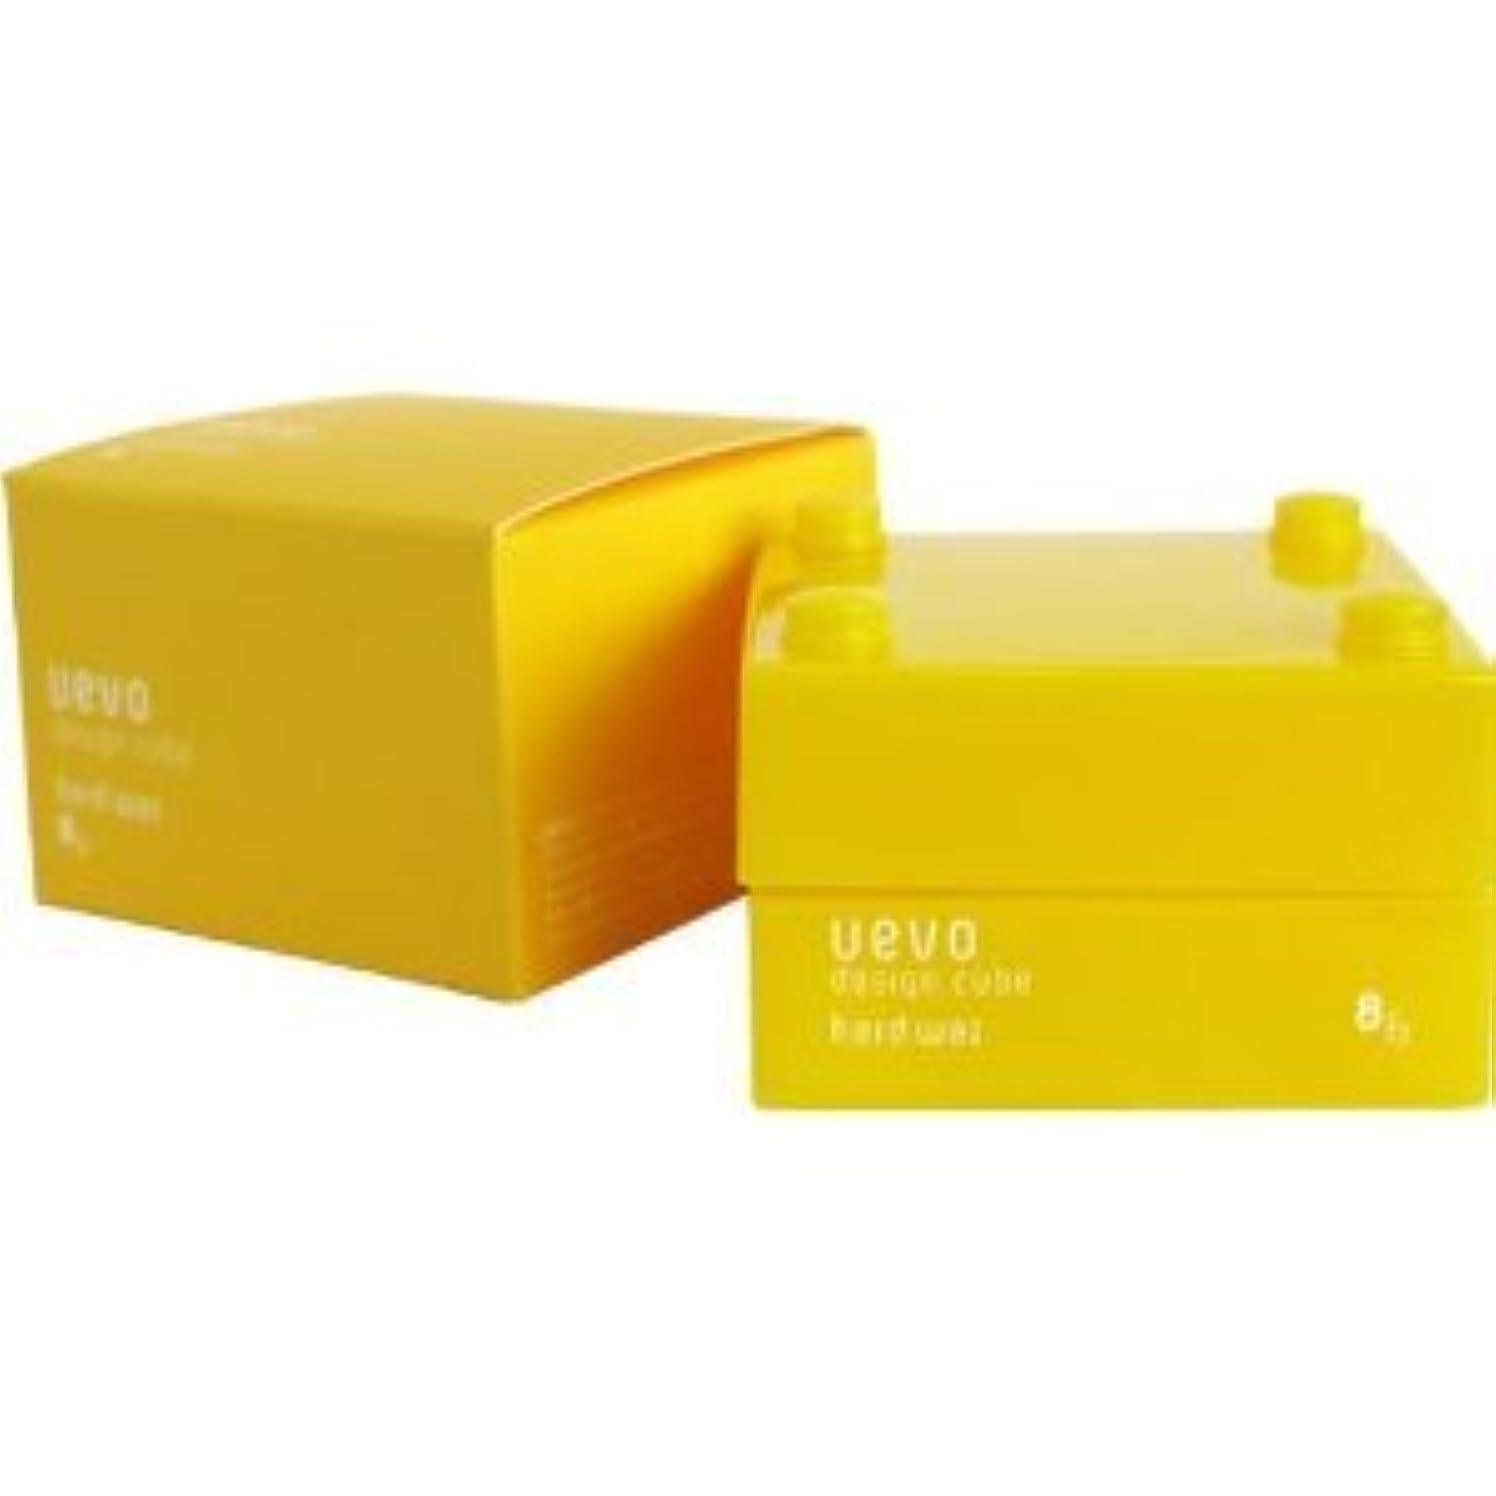 データム北へオーバーコート【X2個セット】 デミ ウェーボ デザインキューブ ハードワックス 30g hard wax DEMI uevo design cube